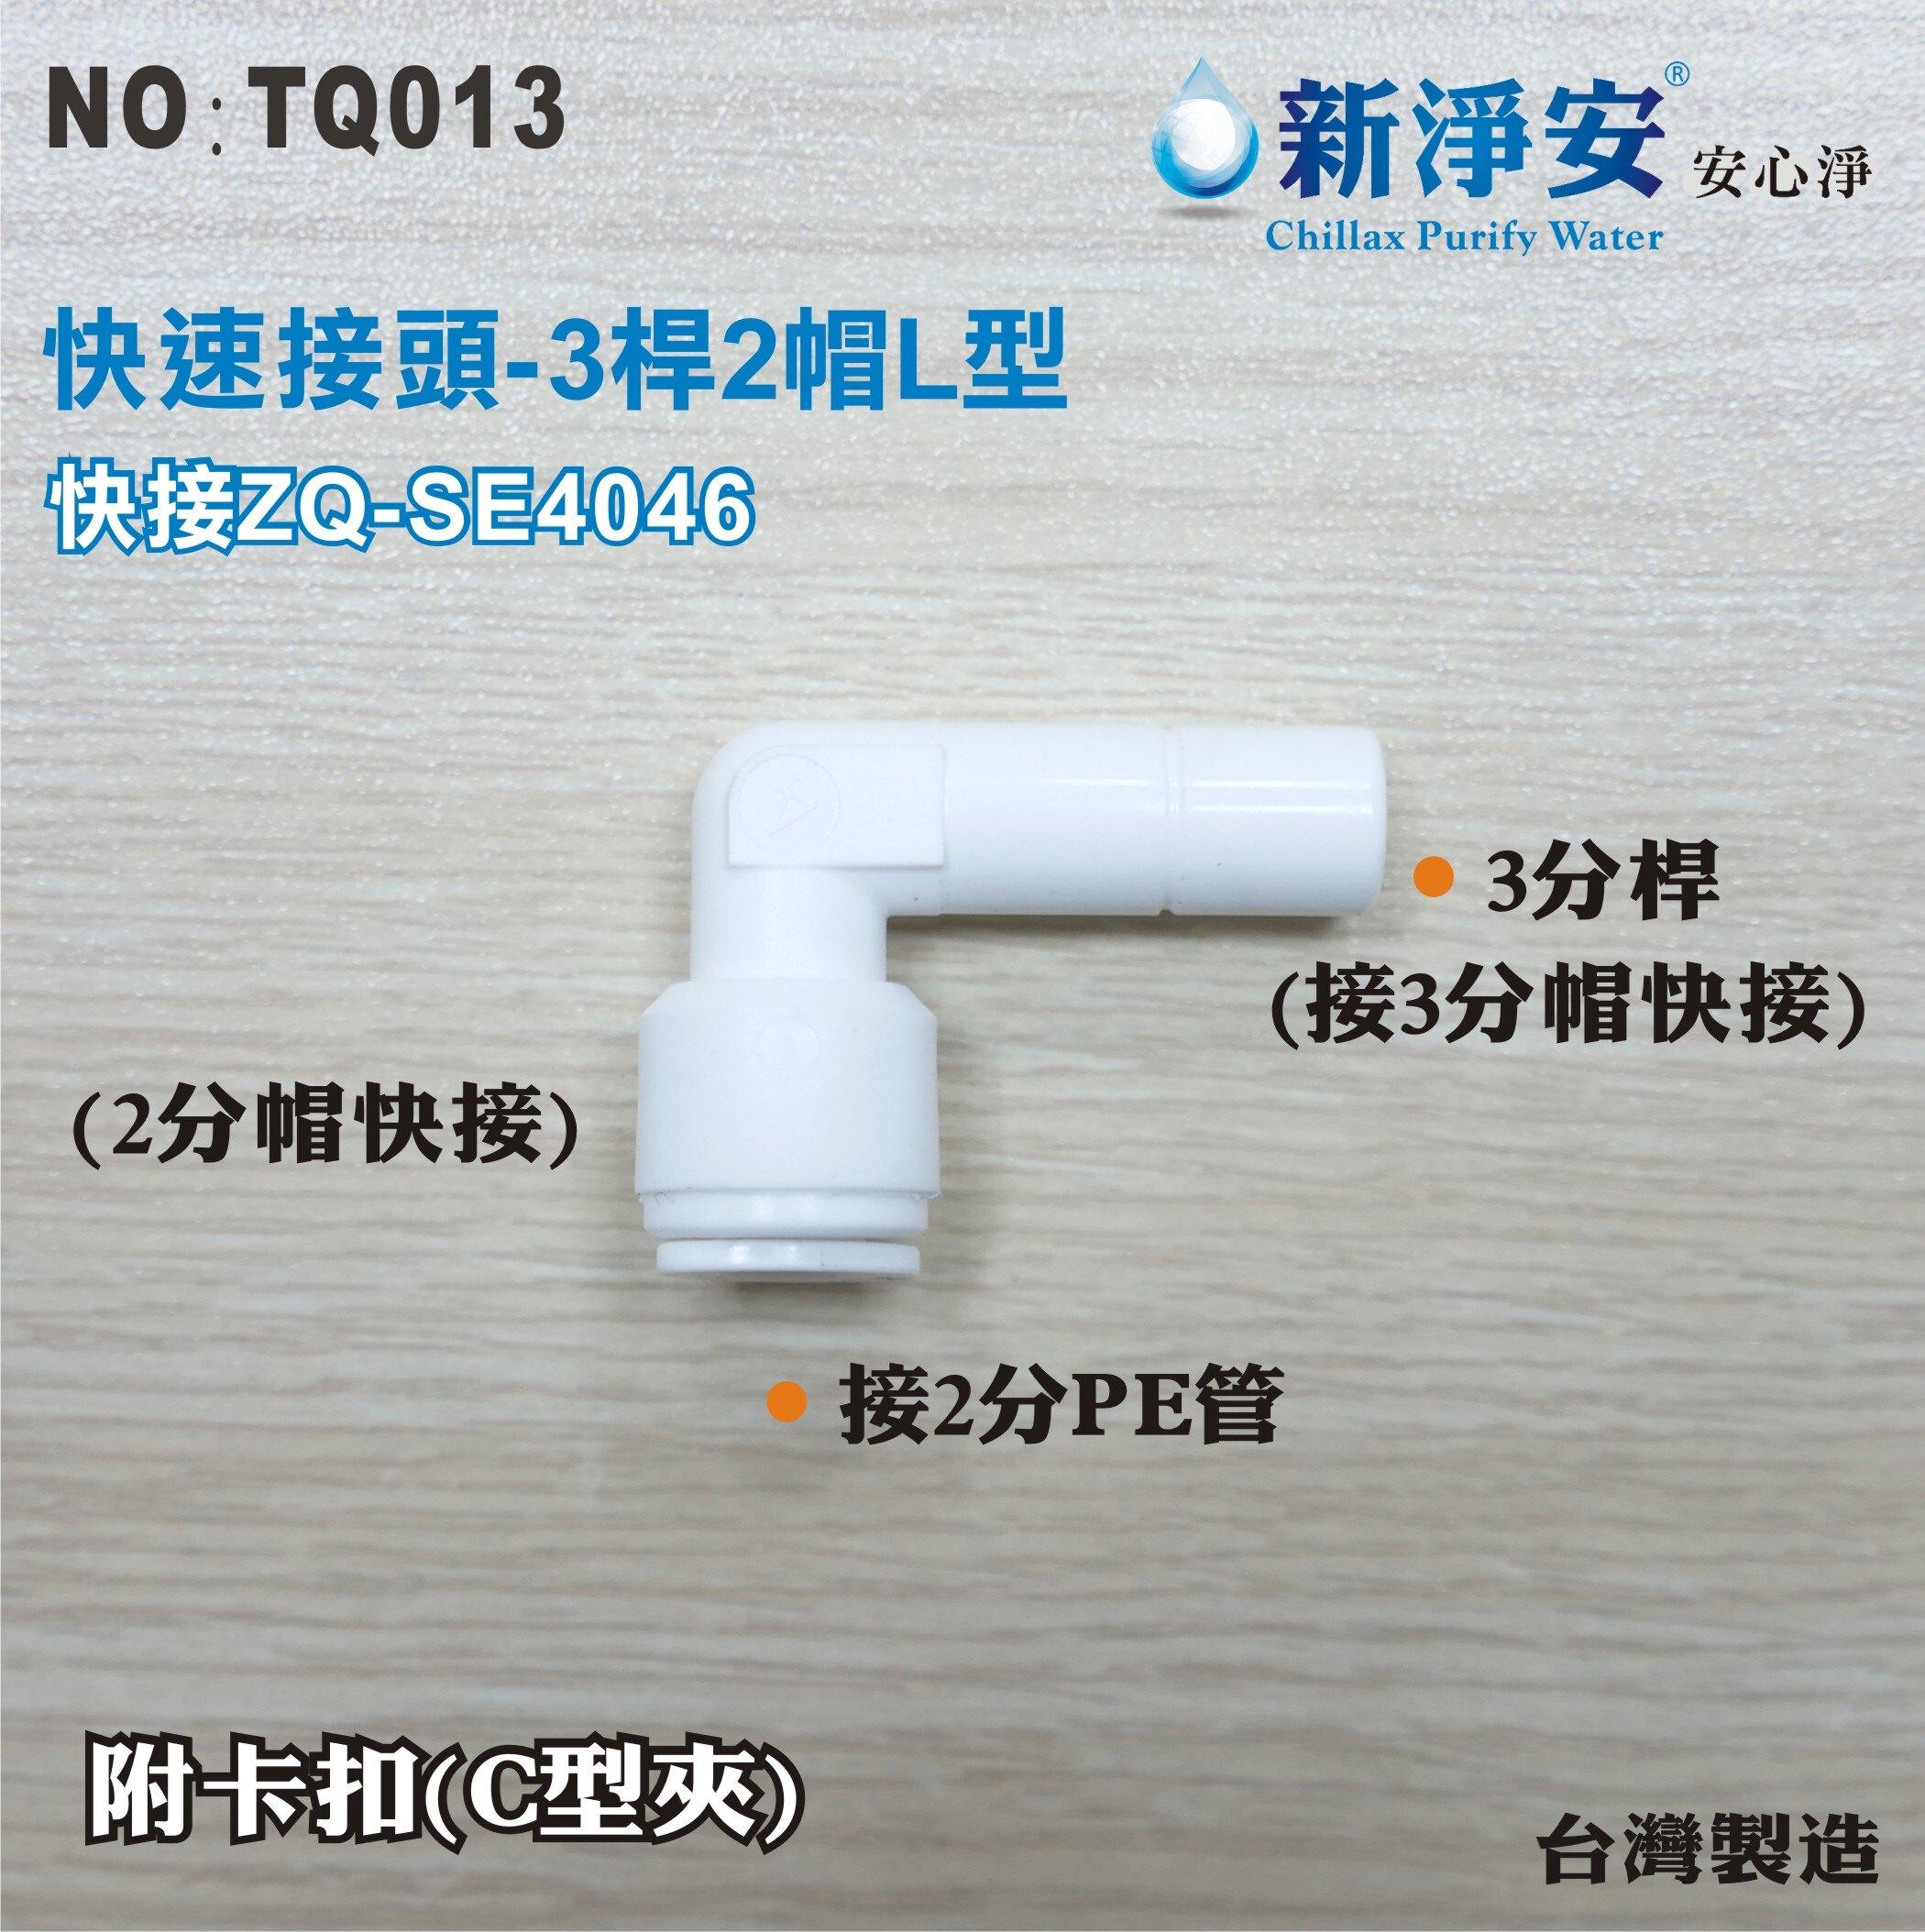 ◆開店慶衝評價◆【新裕淨水】ZQ-SE4046 塑膠快速接頭 3分桿接2分管L型接頭 3桿2帽L型 淨水器用(TQ013)